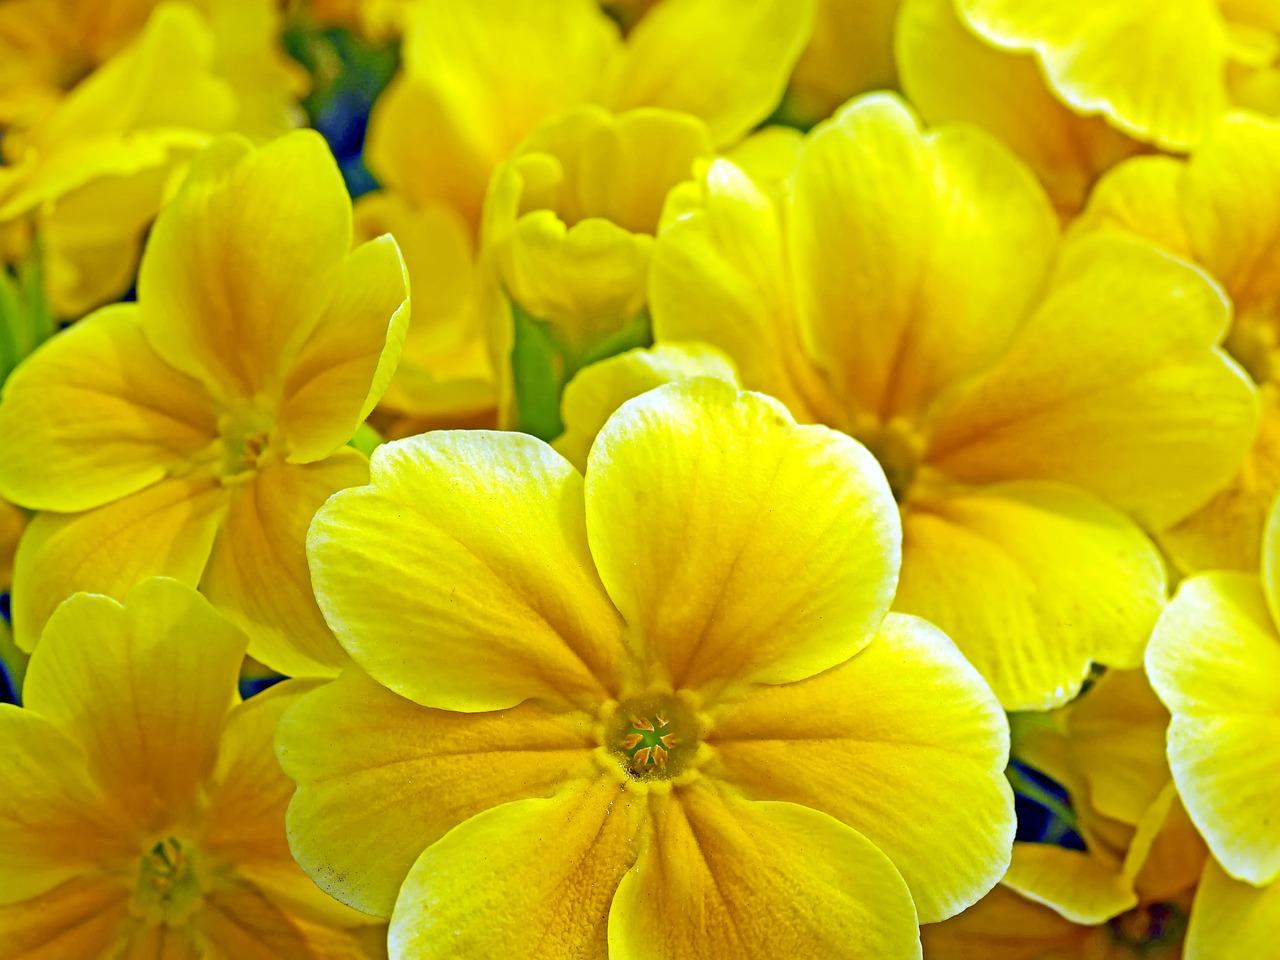 Prvosenka jarní – Petrklíč (Primula veris l.) jako lék